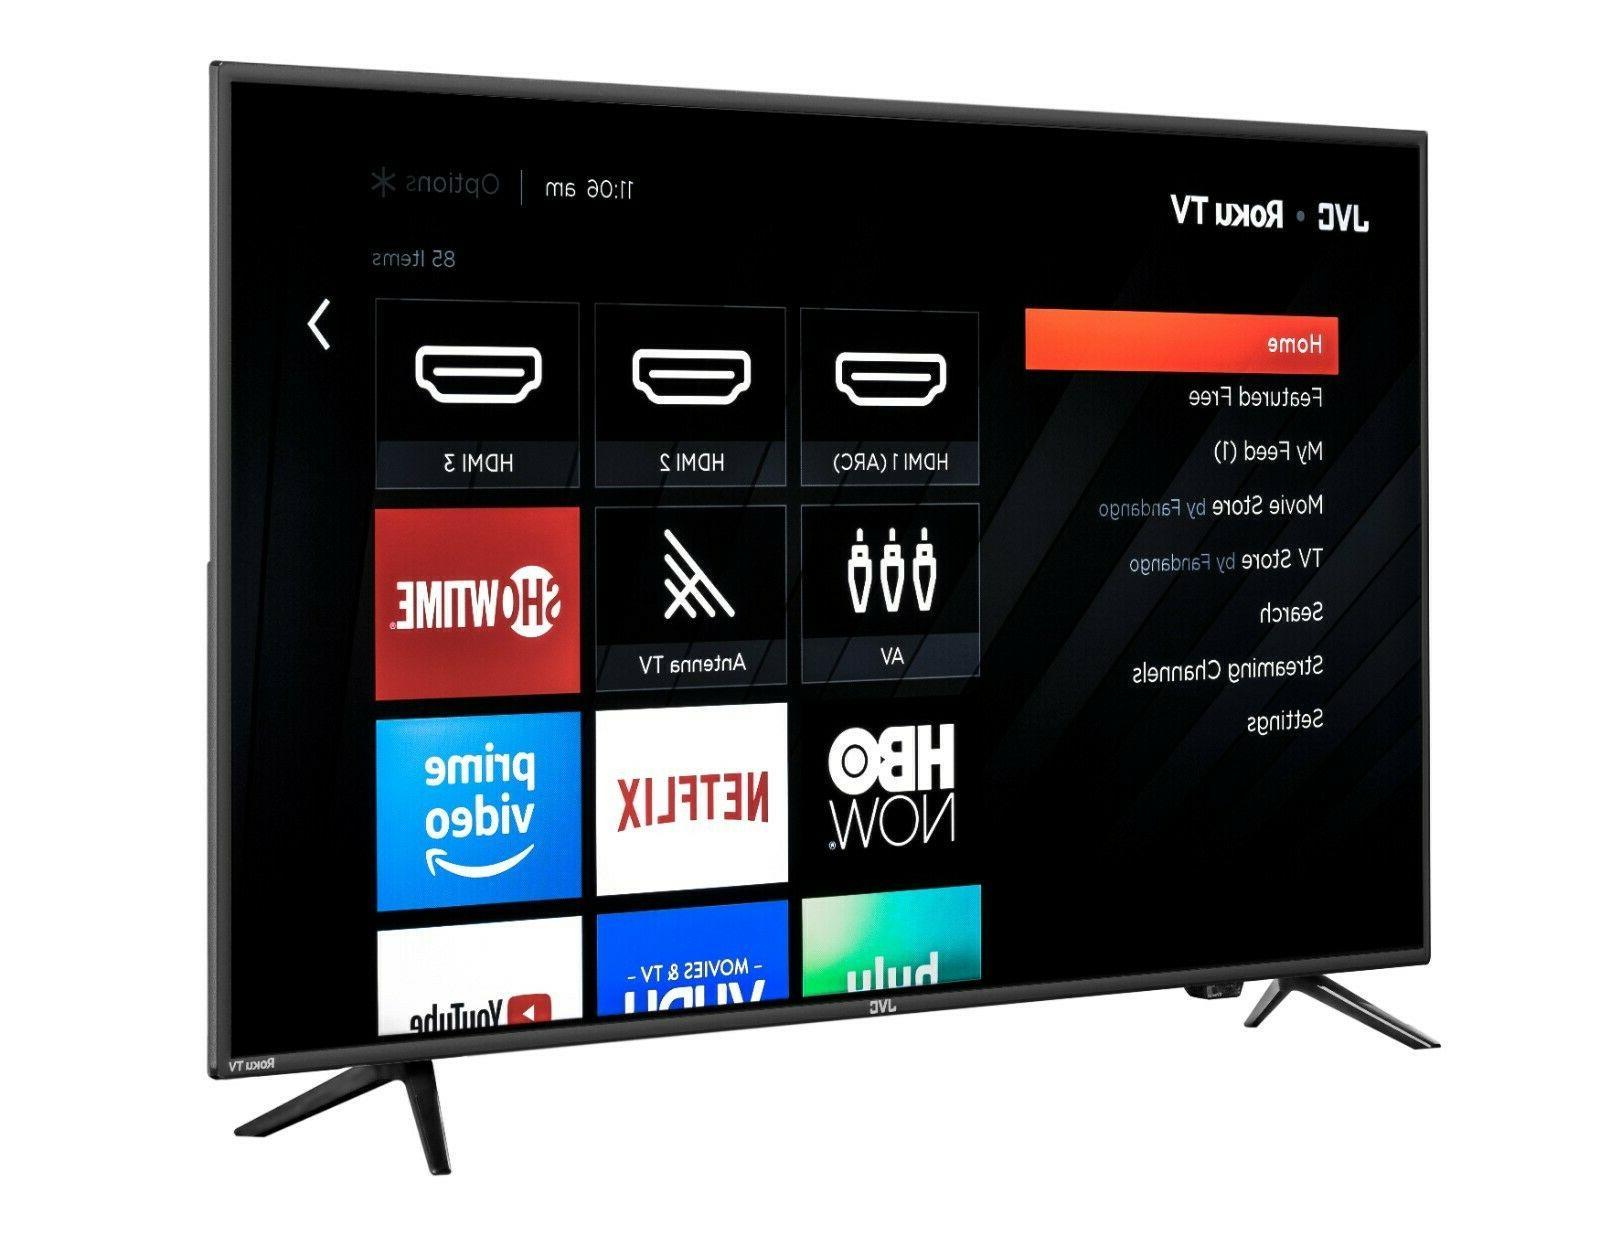 JVC Roku Smart TV LED HDR HD HDMI